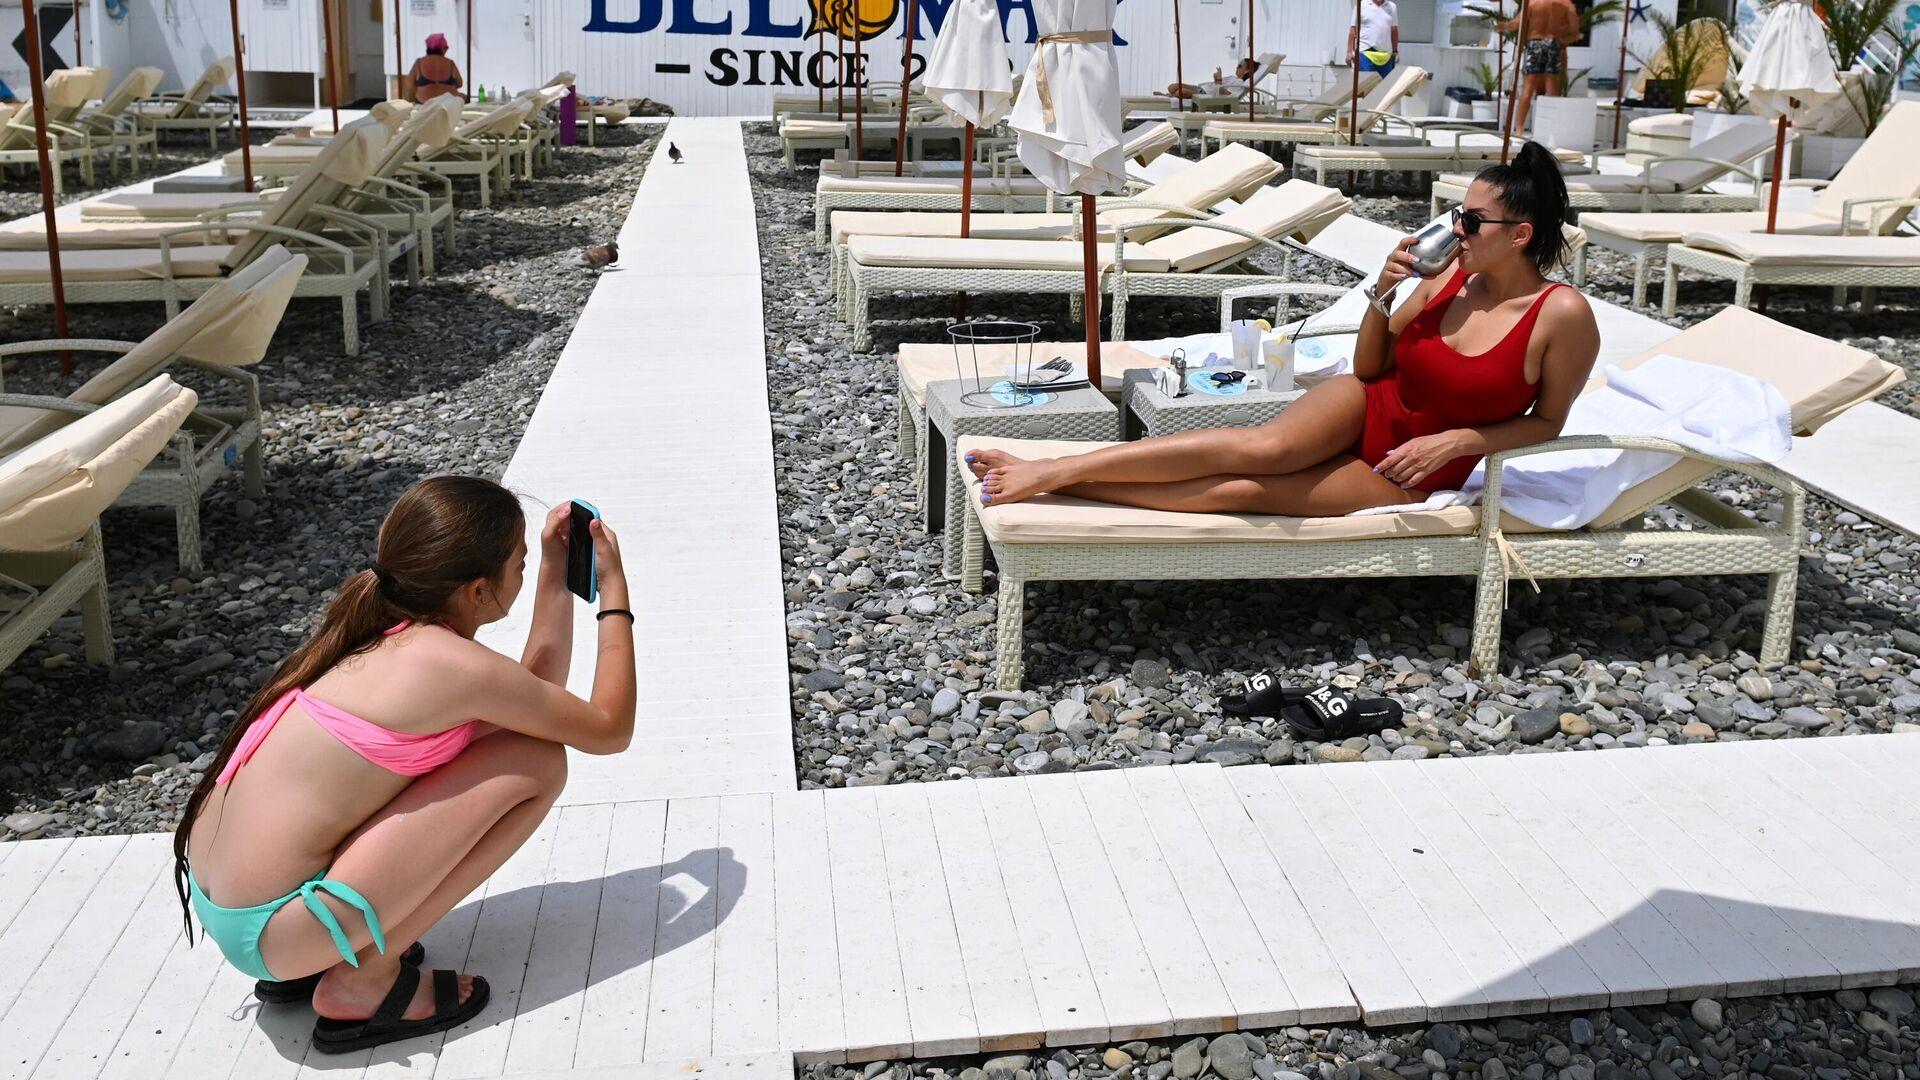 Отдыхающие на пляже в Центральном районе города Сочи - РИА Новости, 1920, 05.05.2021